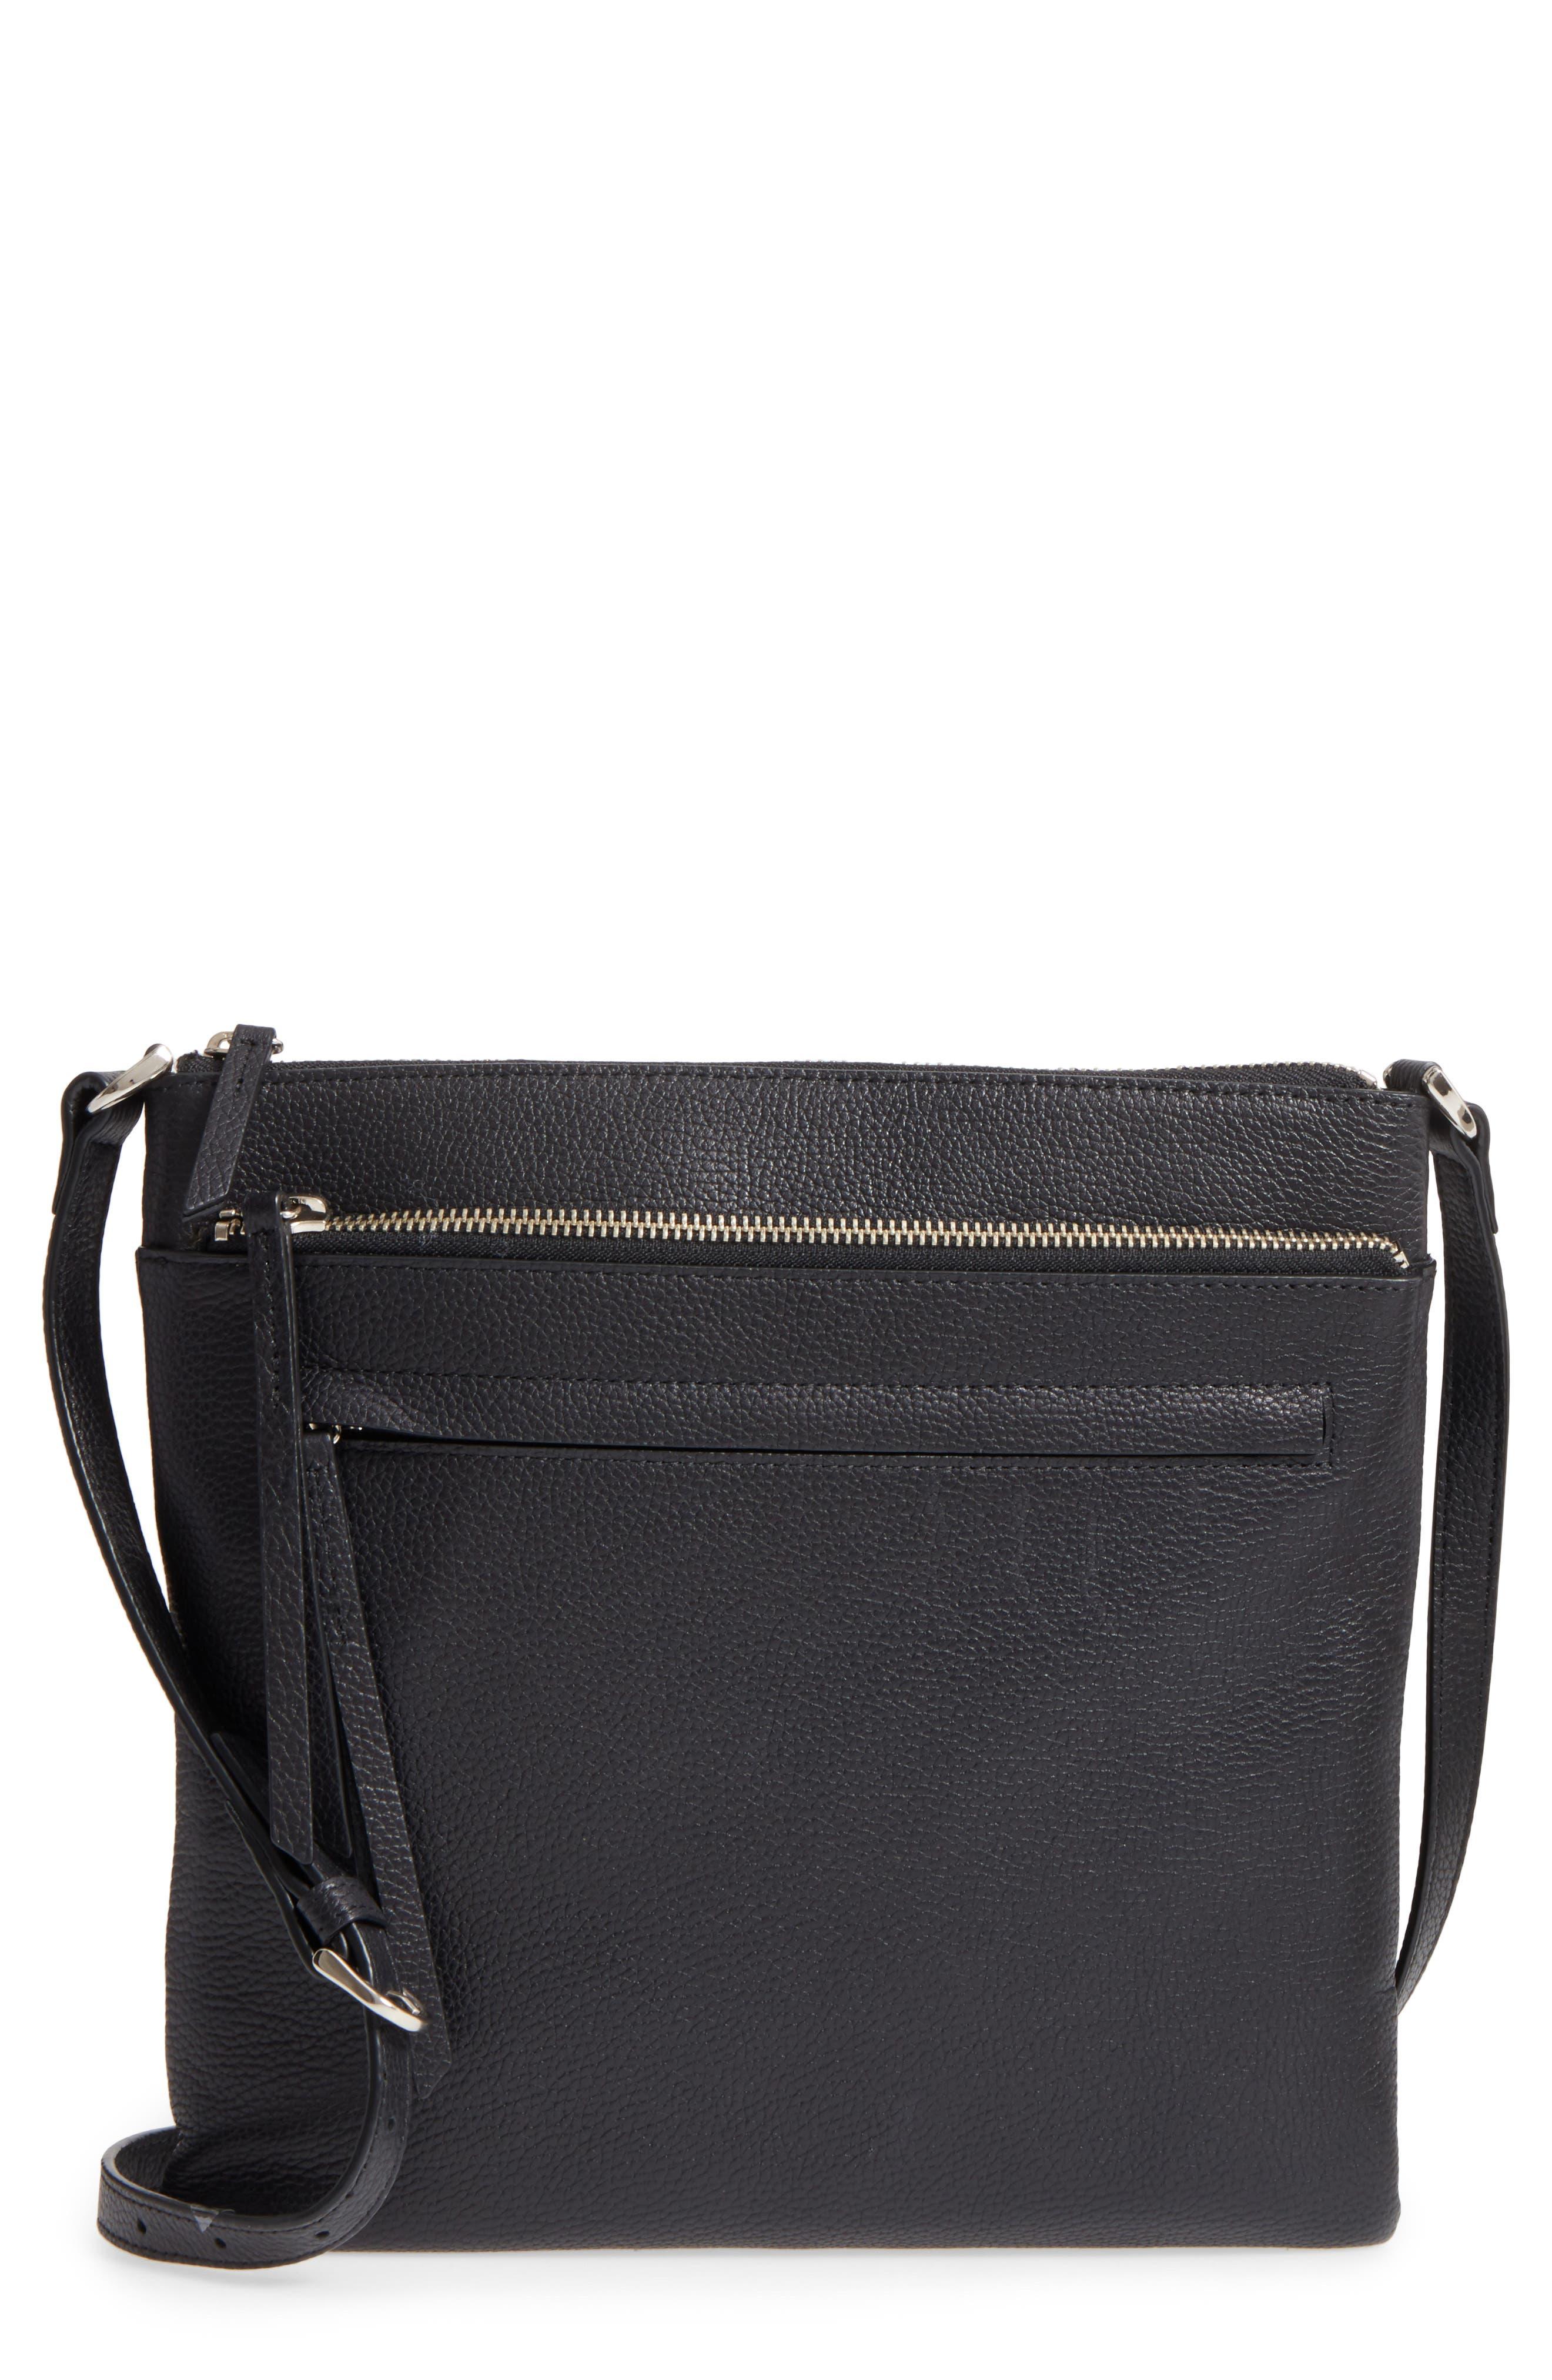 Image of Nordstrom Finn Leather Crossbody Bag